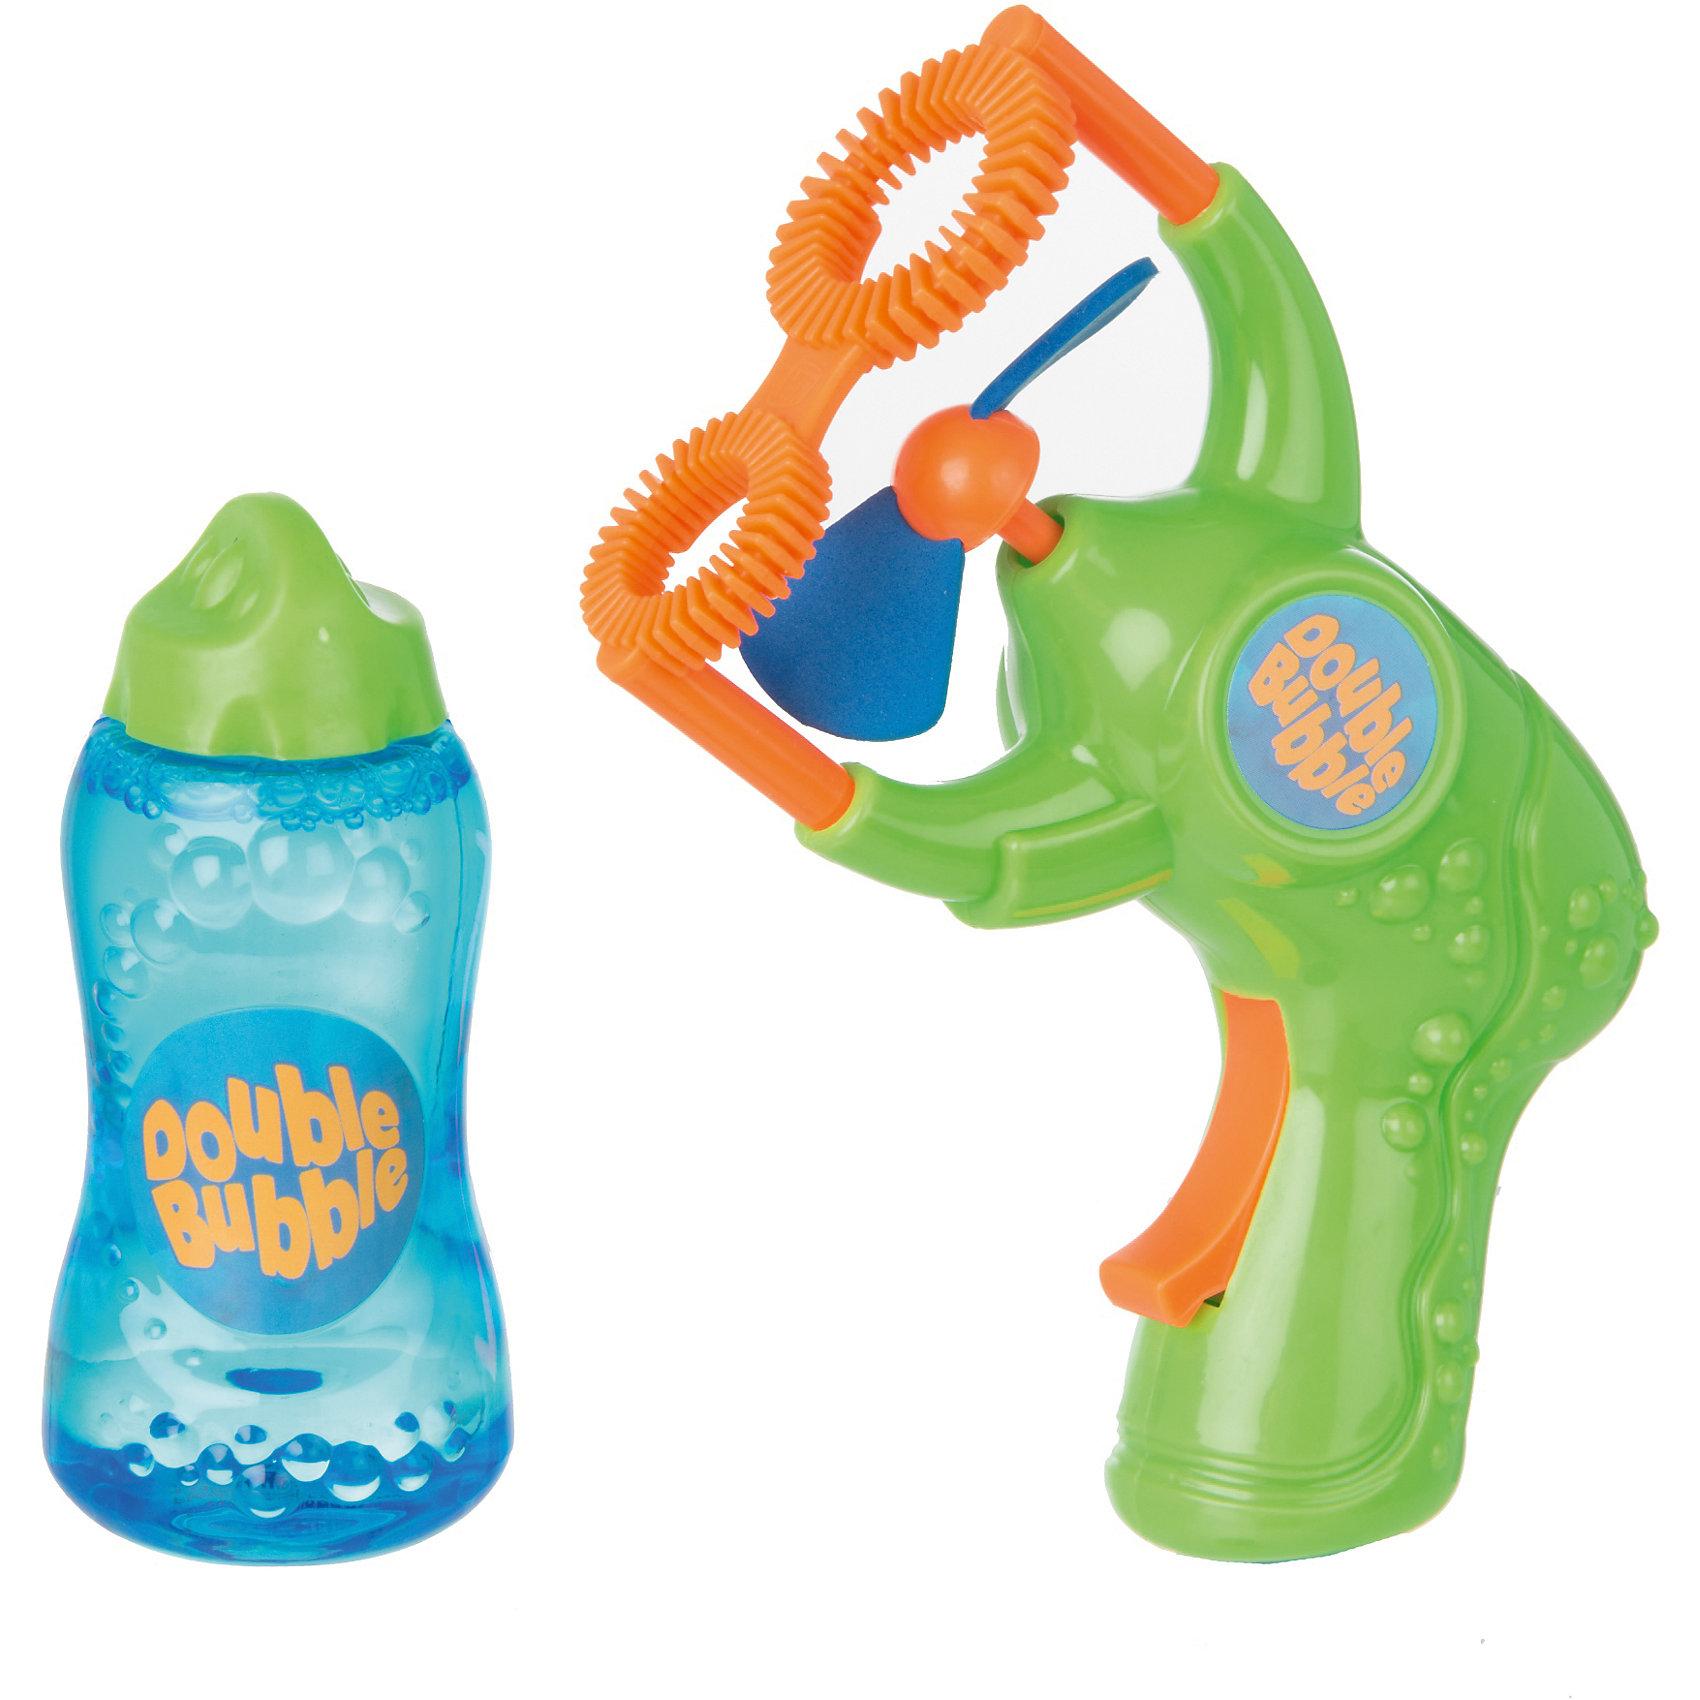 Пистолет для пускания мыльных пузырей, HTIПистолет для пускания мыльных пузырей, HTI.<br><br>Характеристика: <br><br>• Материал: пластик, мыло. <br>• Размер упаковки: 18х5х22 см.  <br>• Комплектация: пистолет для пускания пузырей, мыльный раствор (150 мл). <br>• Элемент питания: 1 АА батарейка (не входит в комплект). <br>• Яркий привлекательный дизайн.<br><br>Дети обожают мыльные пузыри! Новый бластер для пускания мыльных пузырей позволит создать целый фейерверк прозрачных переливающихся шариков. Мыльные пузыри выдуваются с помощью вентилятора, который работает при нажатии и удержании кнопки. Бластер выполнен из высококачественного прочного пластика, мыльная жидкость имеет нетоксичный состав безопасный для детей.<br><br>Пистолет для пускания мыльных пузырей, HTI, можно купить в нашем интернет-магазине.<br><br>Ширина мм: 180<br>Глубина мм: 50<br>Высота мм: 220<br>Вес г: 500<br>Возраст от месяцев: 36<br>Возраст до месяцев: 168<br>Пол: Унисекс<br>Возраст: Детский<br>SKU: 5366543